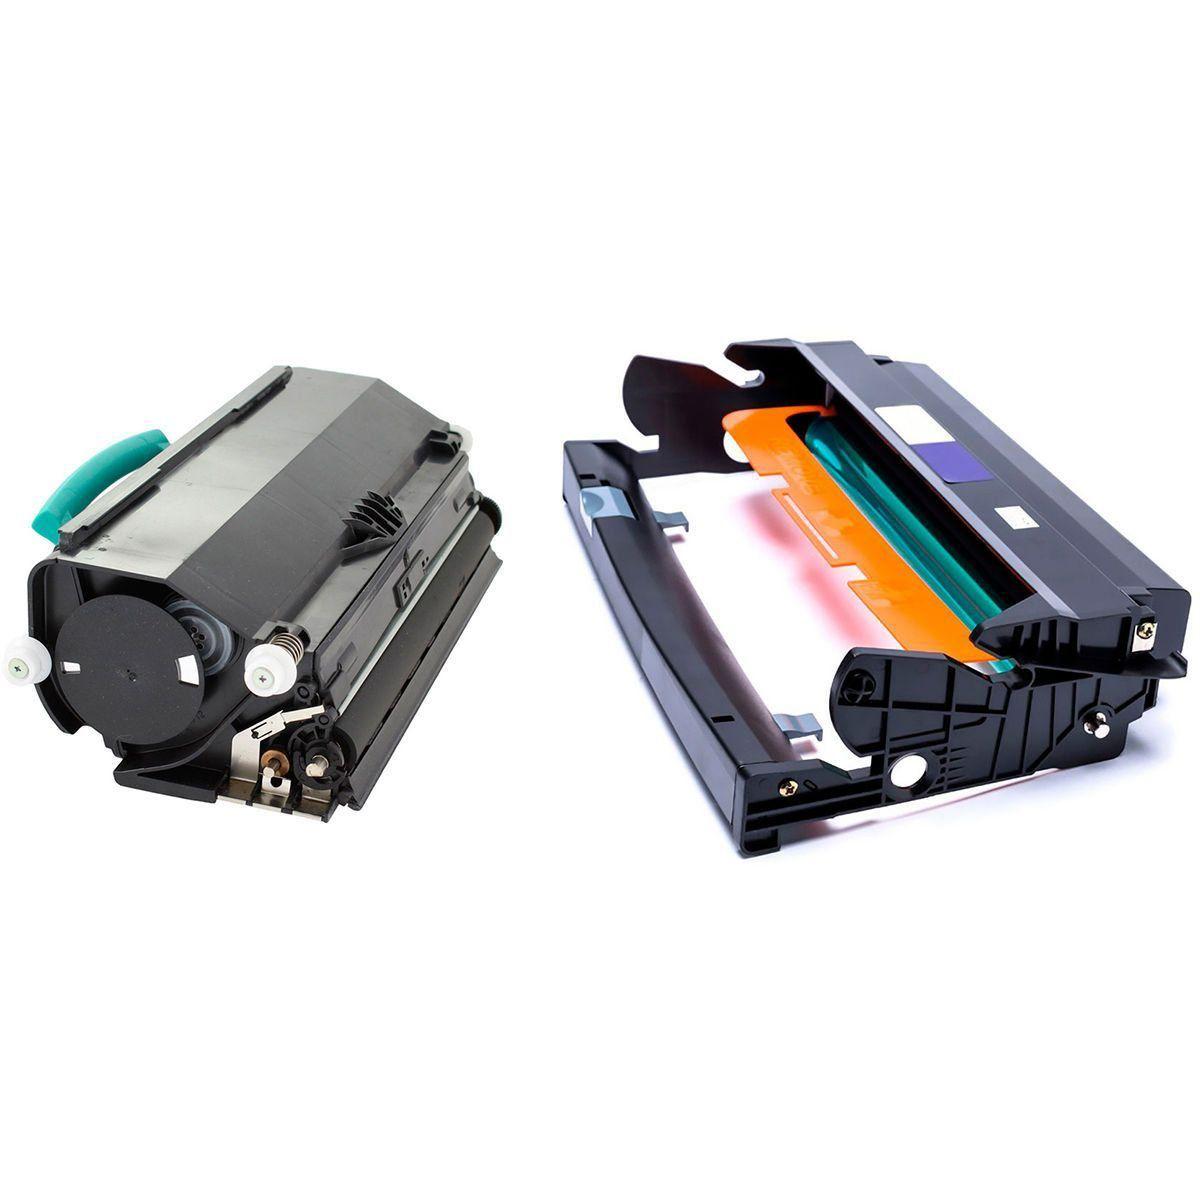 Compatível: Combo Fotocondutor DRE260 + Toner E260 para Lexmark E260dn E360dn E460dn E360 E460 E462 X264 X363 X364 X463